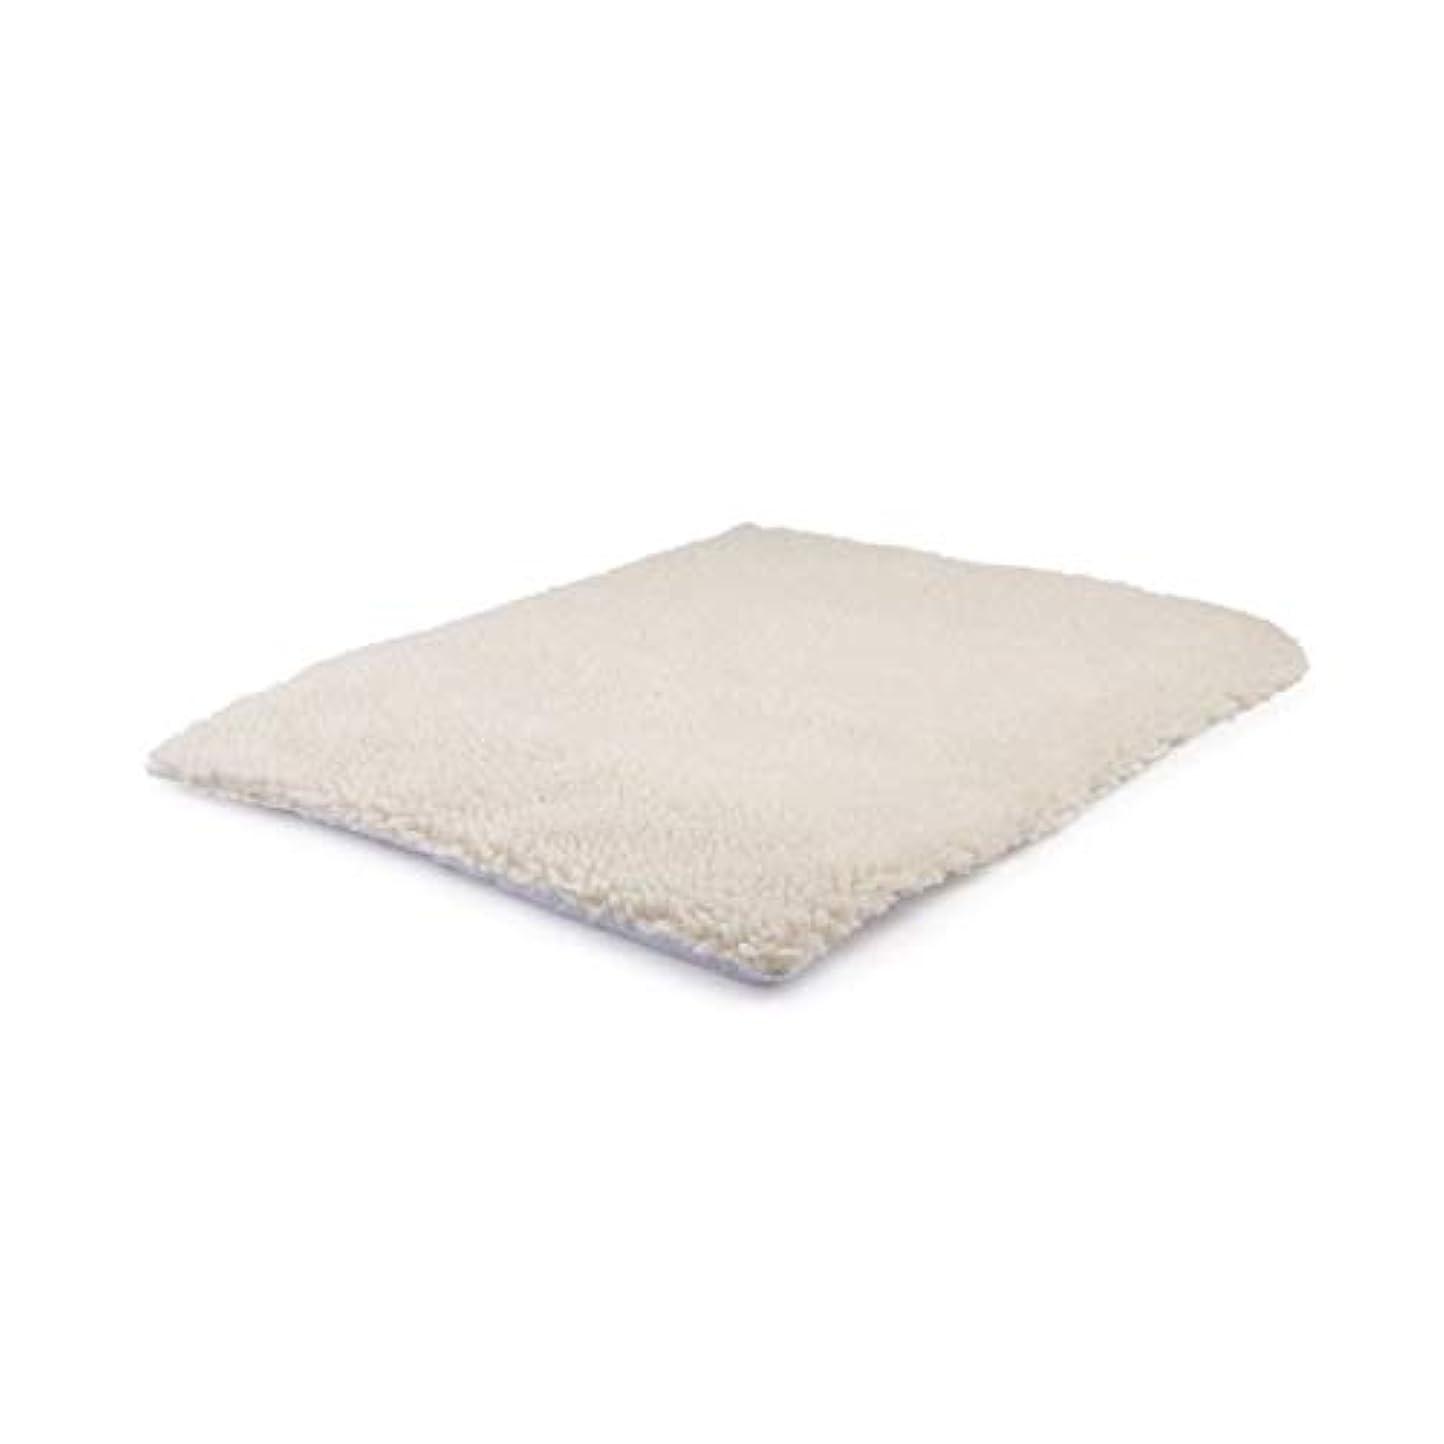 スリット端ペニーSaikogoods 自己発熱ペット毛布 ペットベッド ウォッシャブル ノーエレクトリック スーパーソフト 子犬子猫毛布 ベッドマット ベージュ 640×460mm